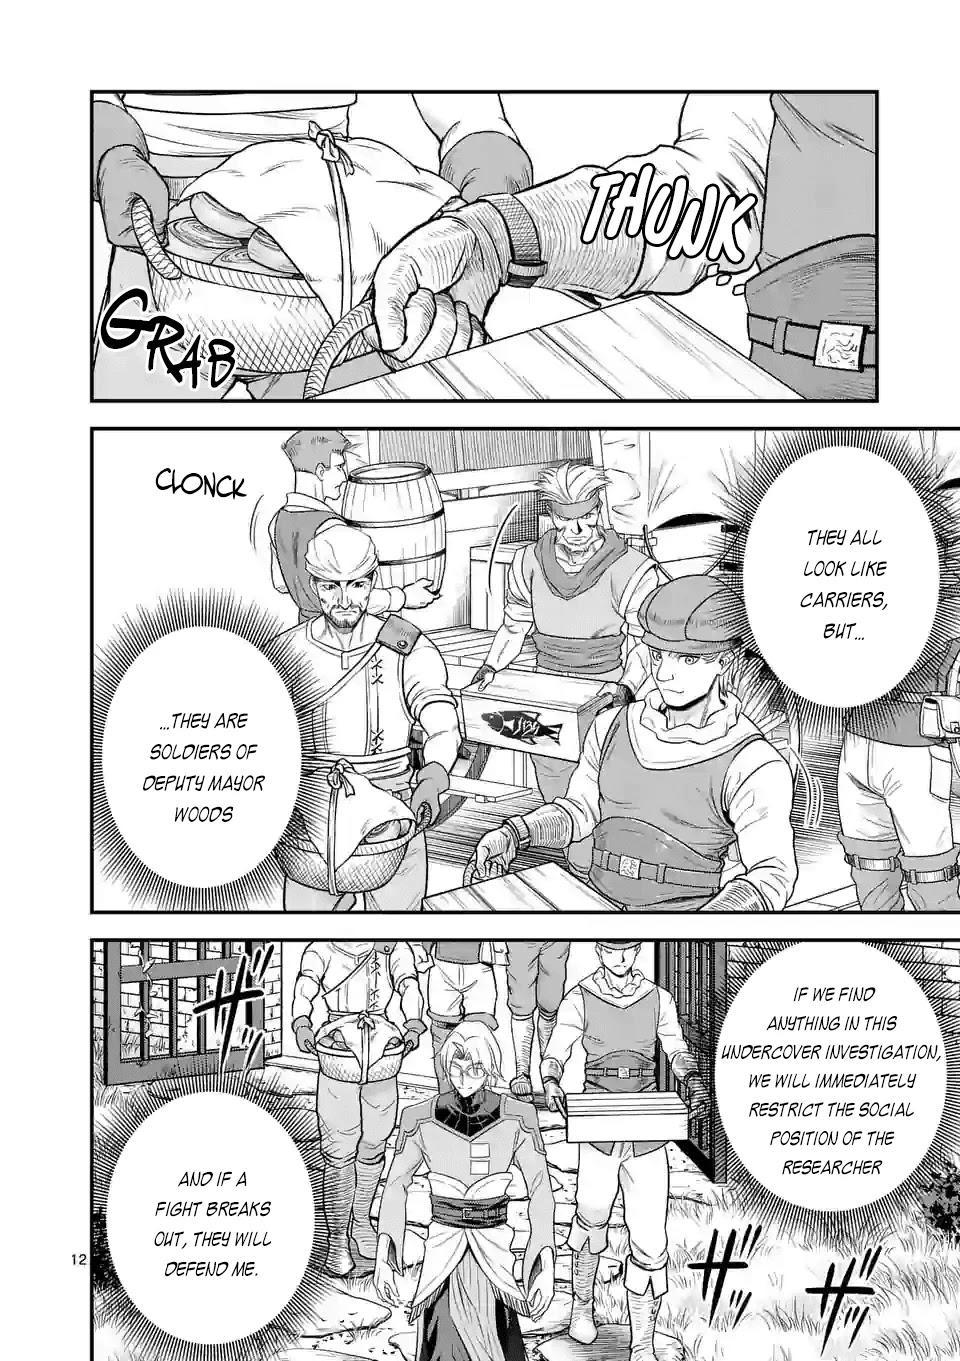 100-Nin No Eiyuu O Sodateta Saikyou Yogensha Wa, Boukensha Ni Natte Mo Sekaijuu No Deshi Kara Shitawarete Masu Chapter 27 page 13 - Mangakakalots.com